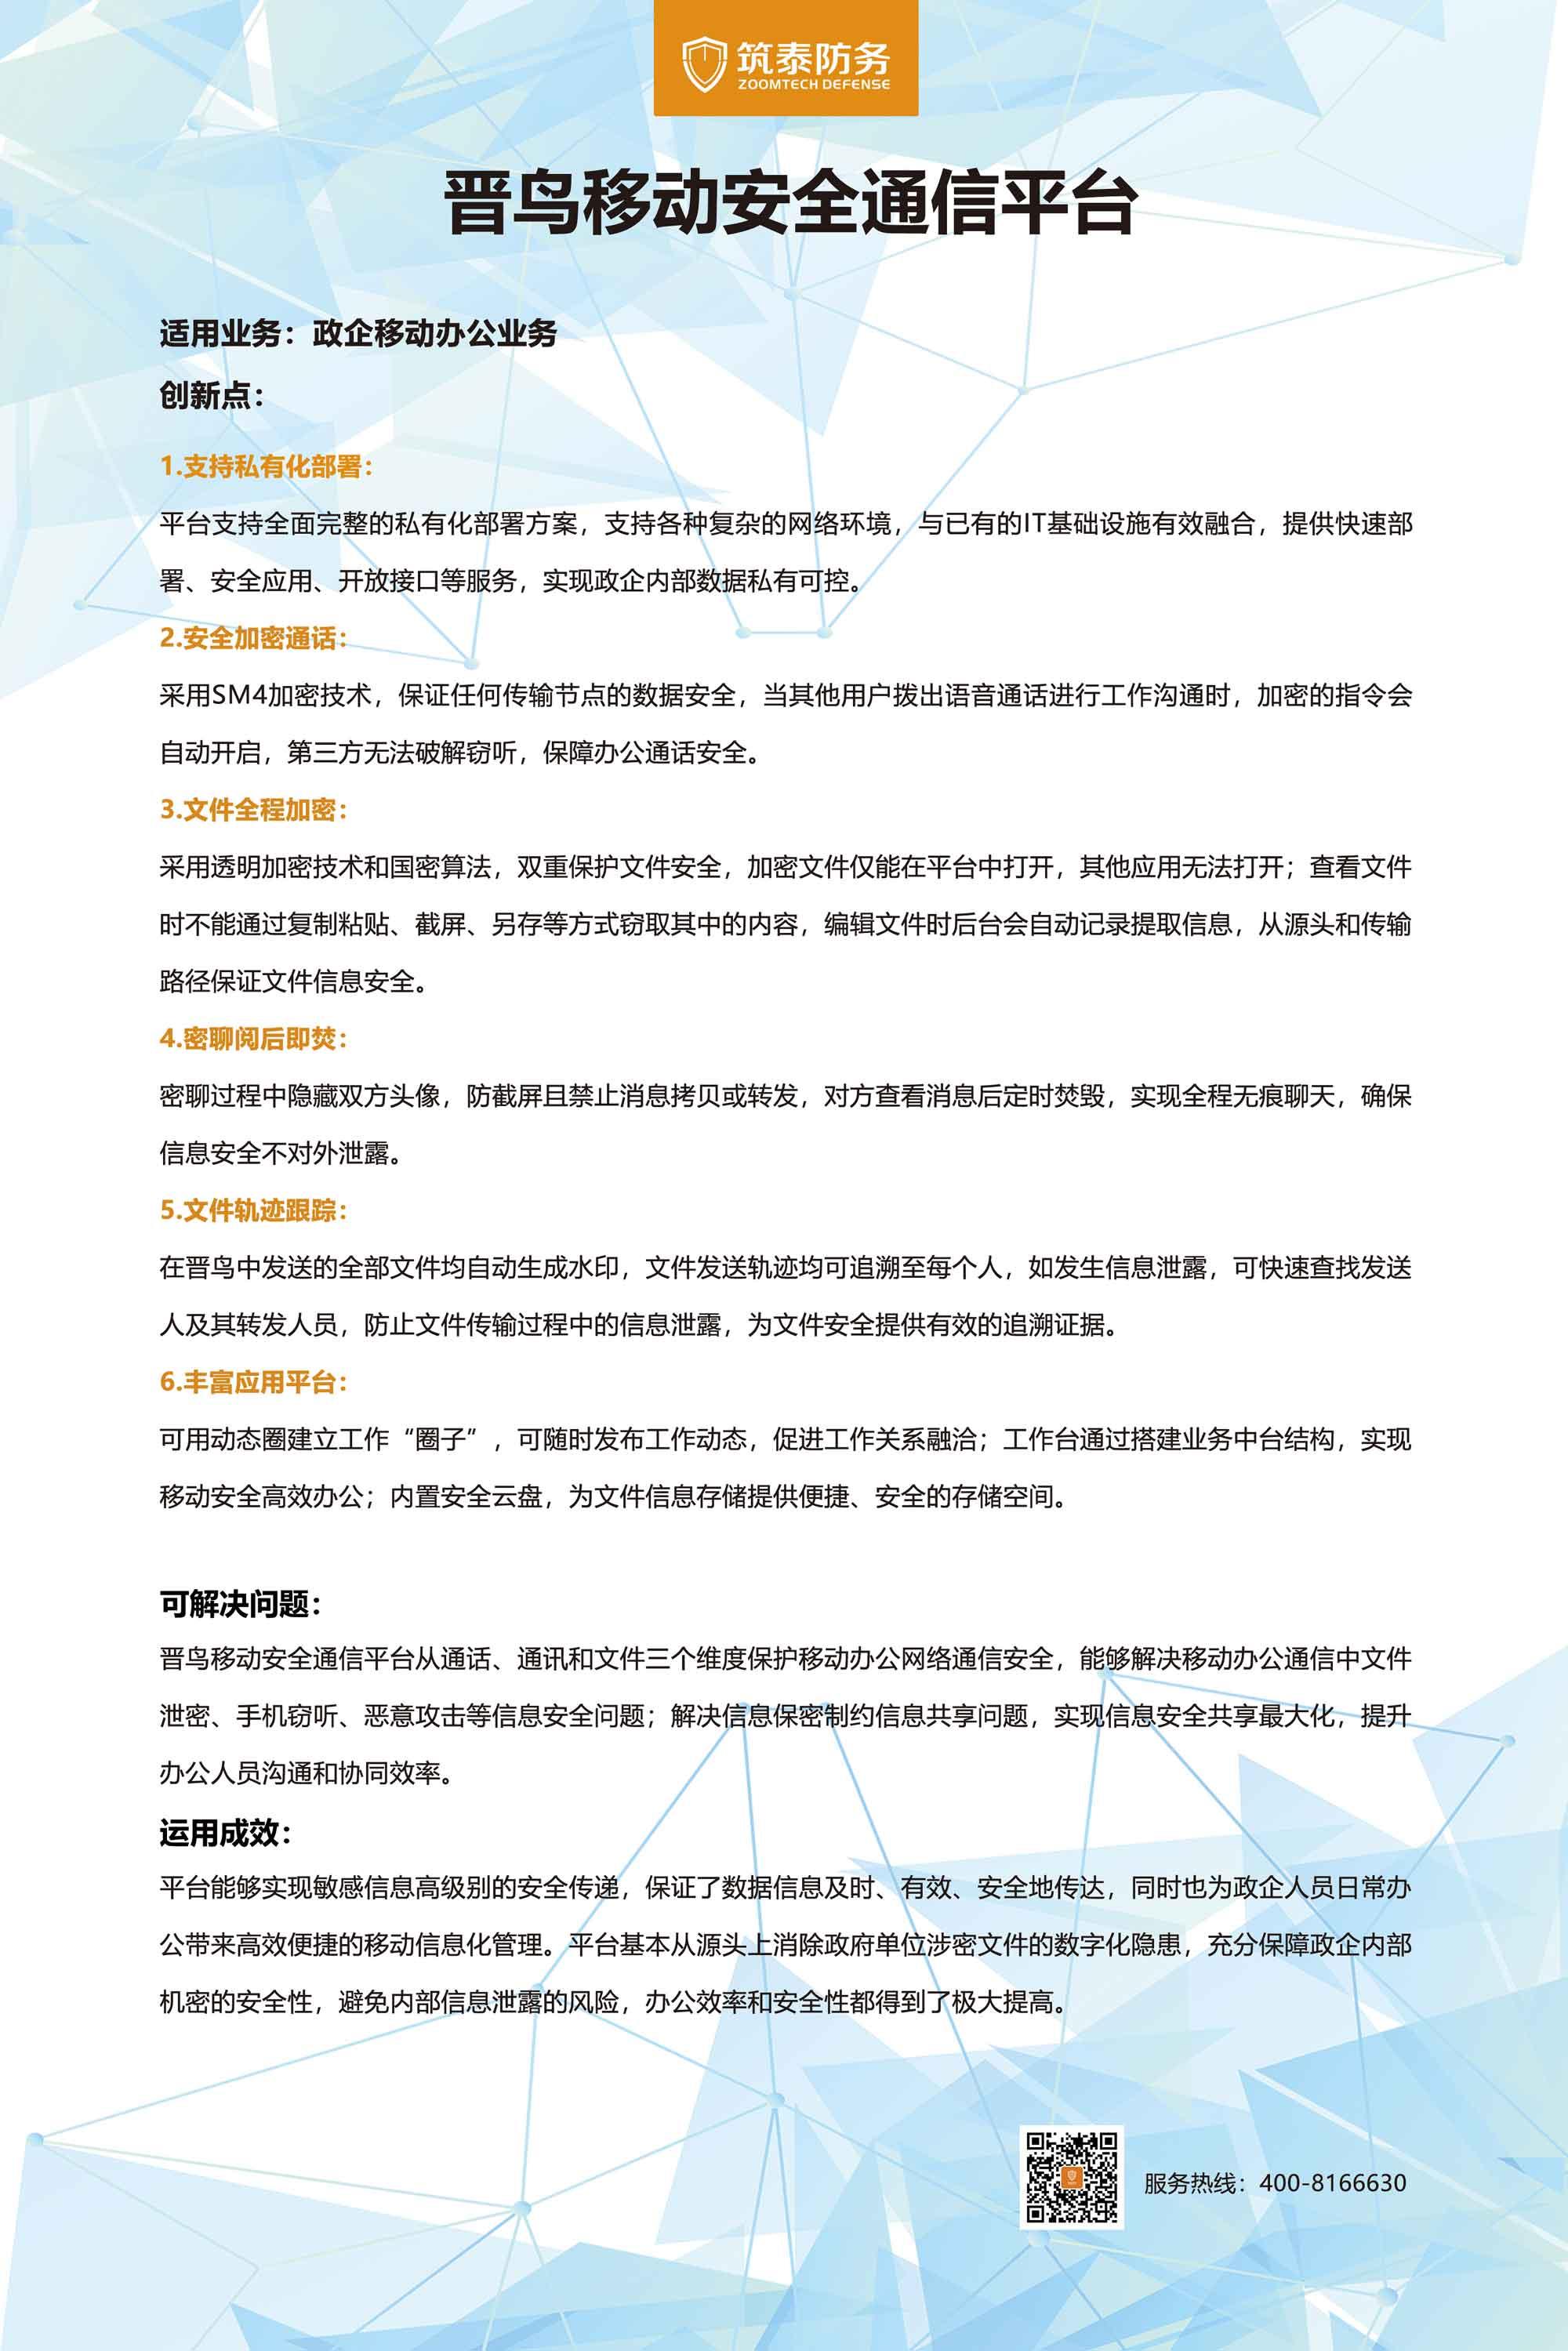 """筑泰防务亮相2021全国政法展,斩获""""智慧警务创新产品""""!"""